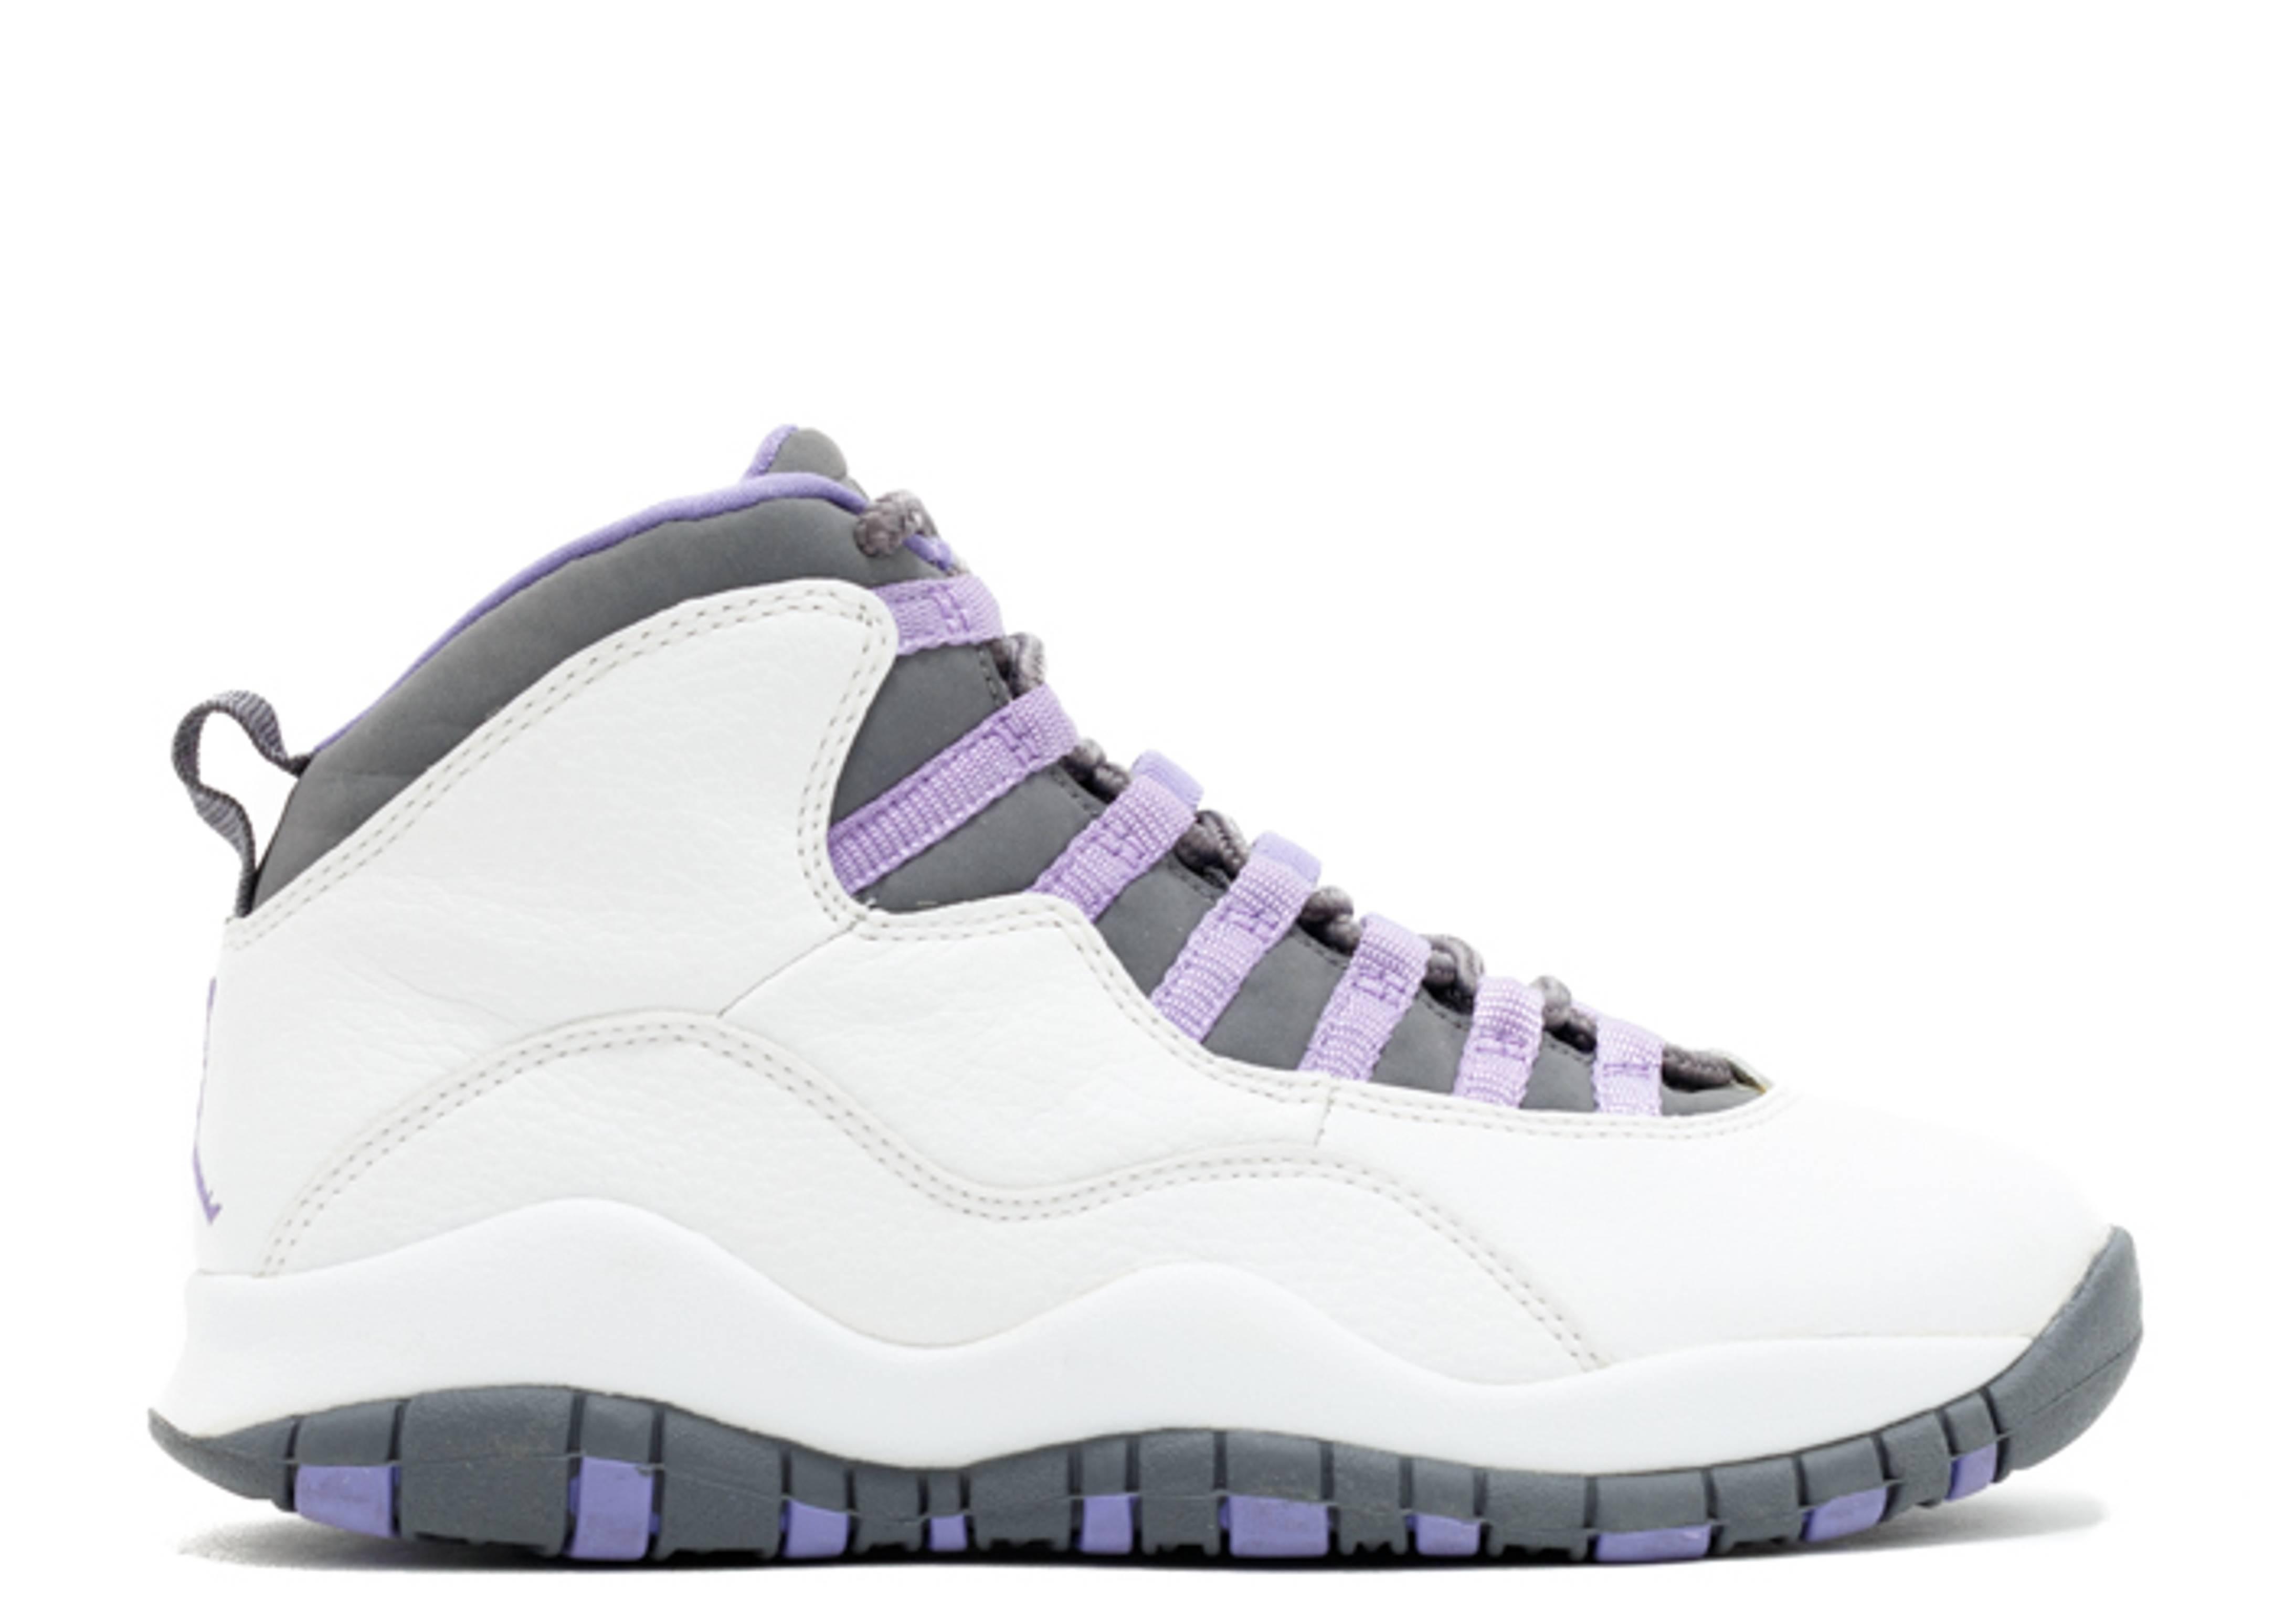 nike air jordan 10 shoes